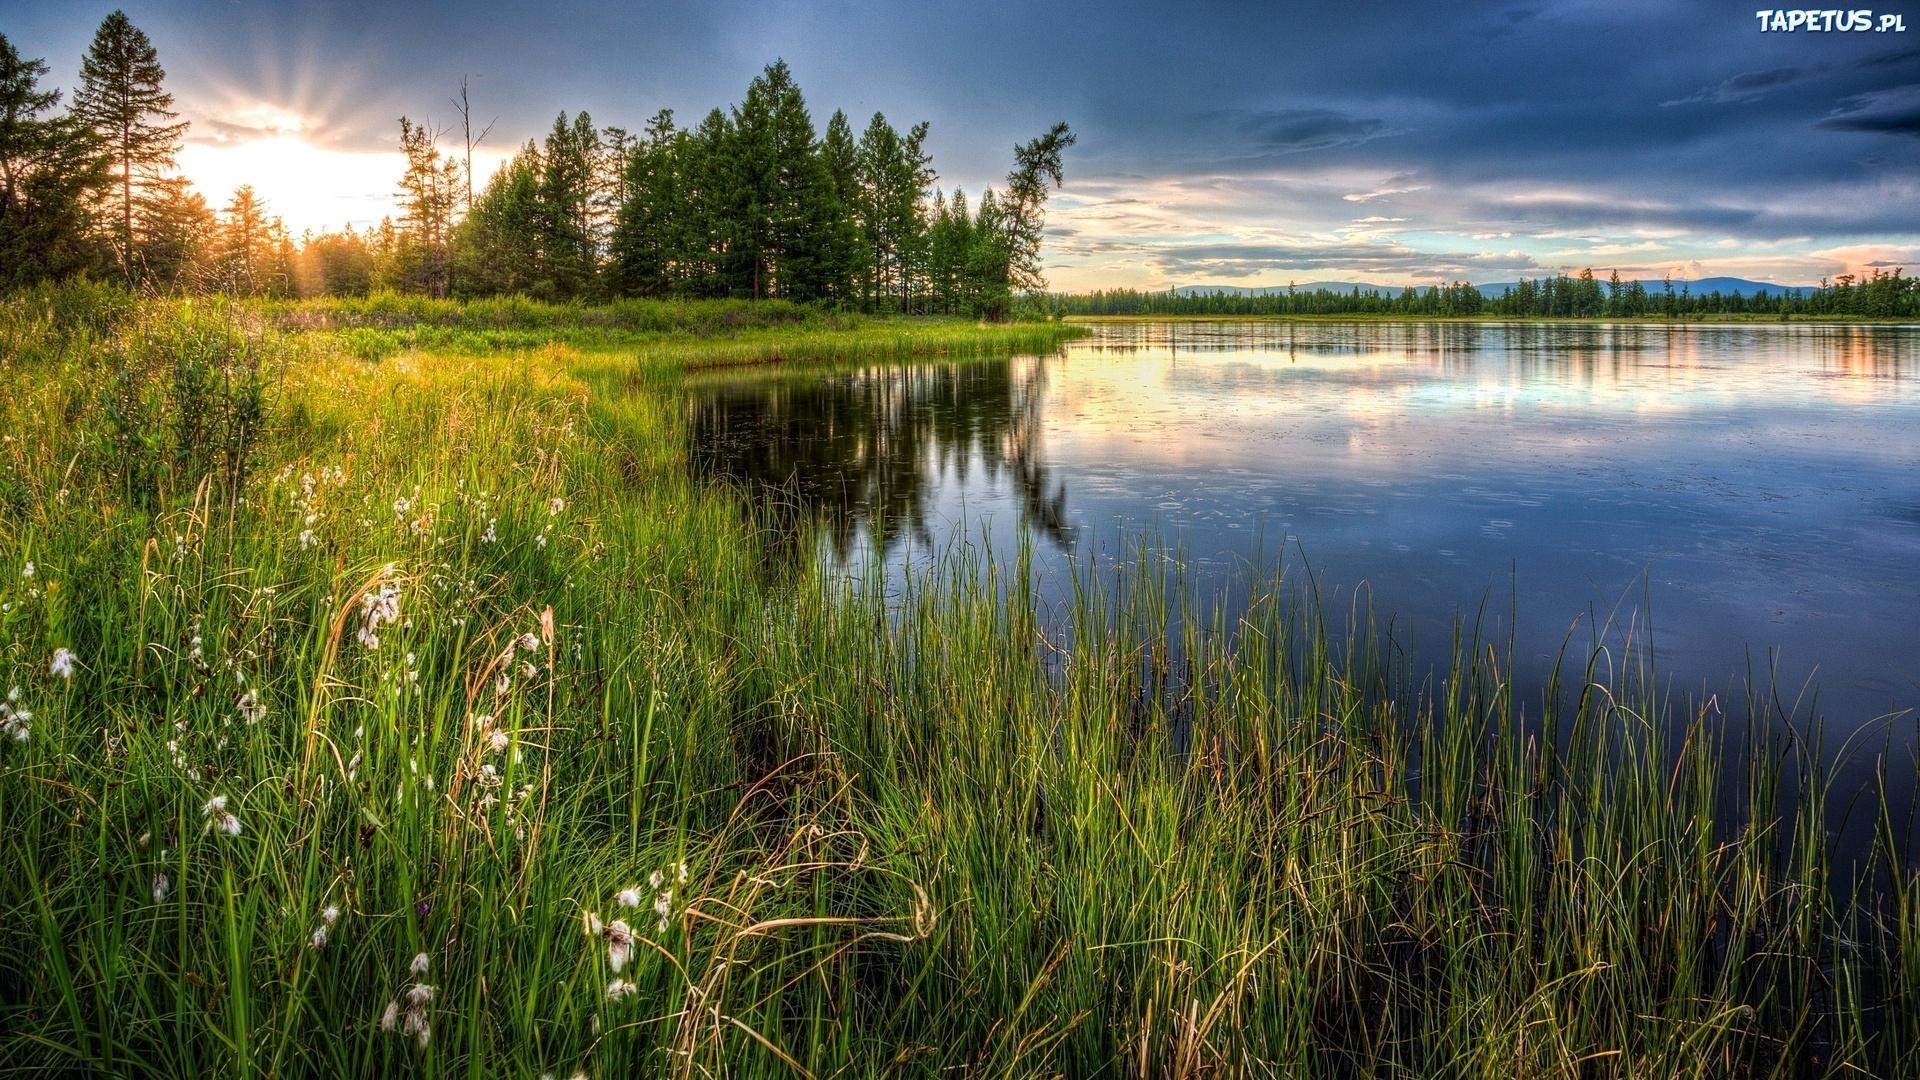 Берег озера в траве  № 2482618 бесплатно